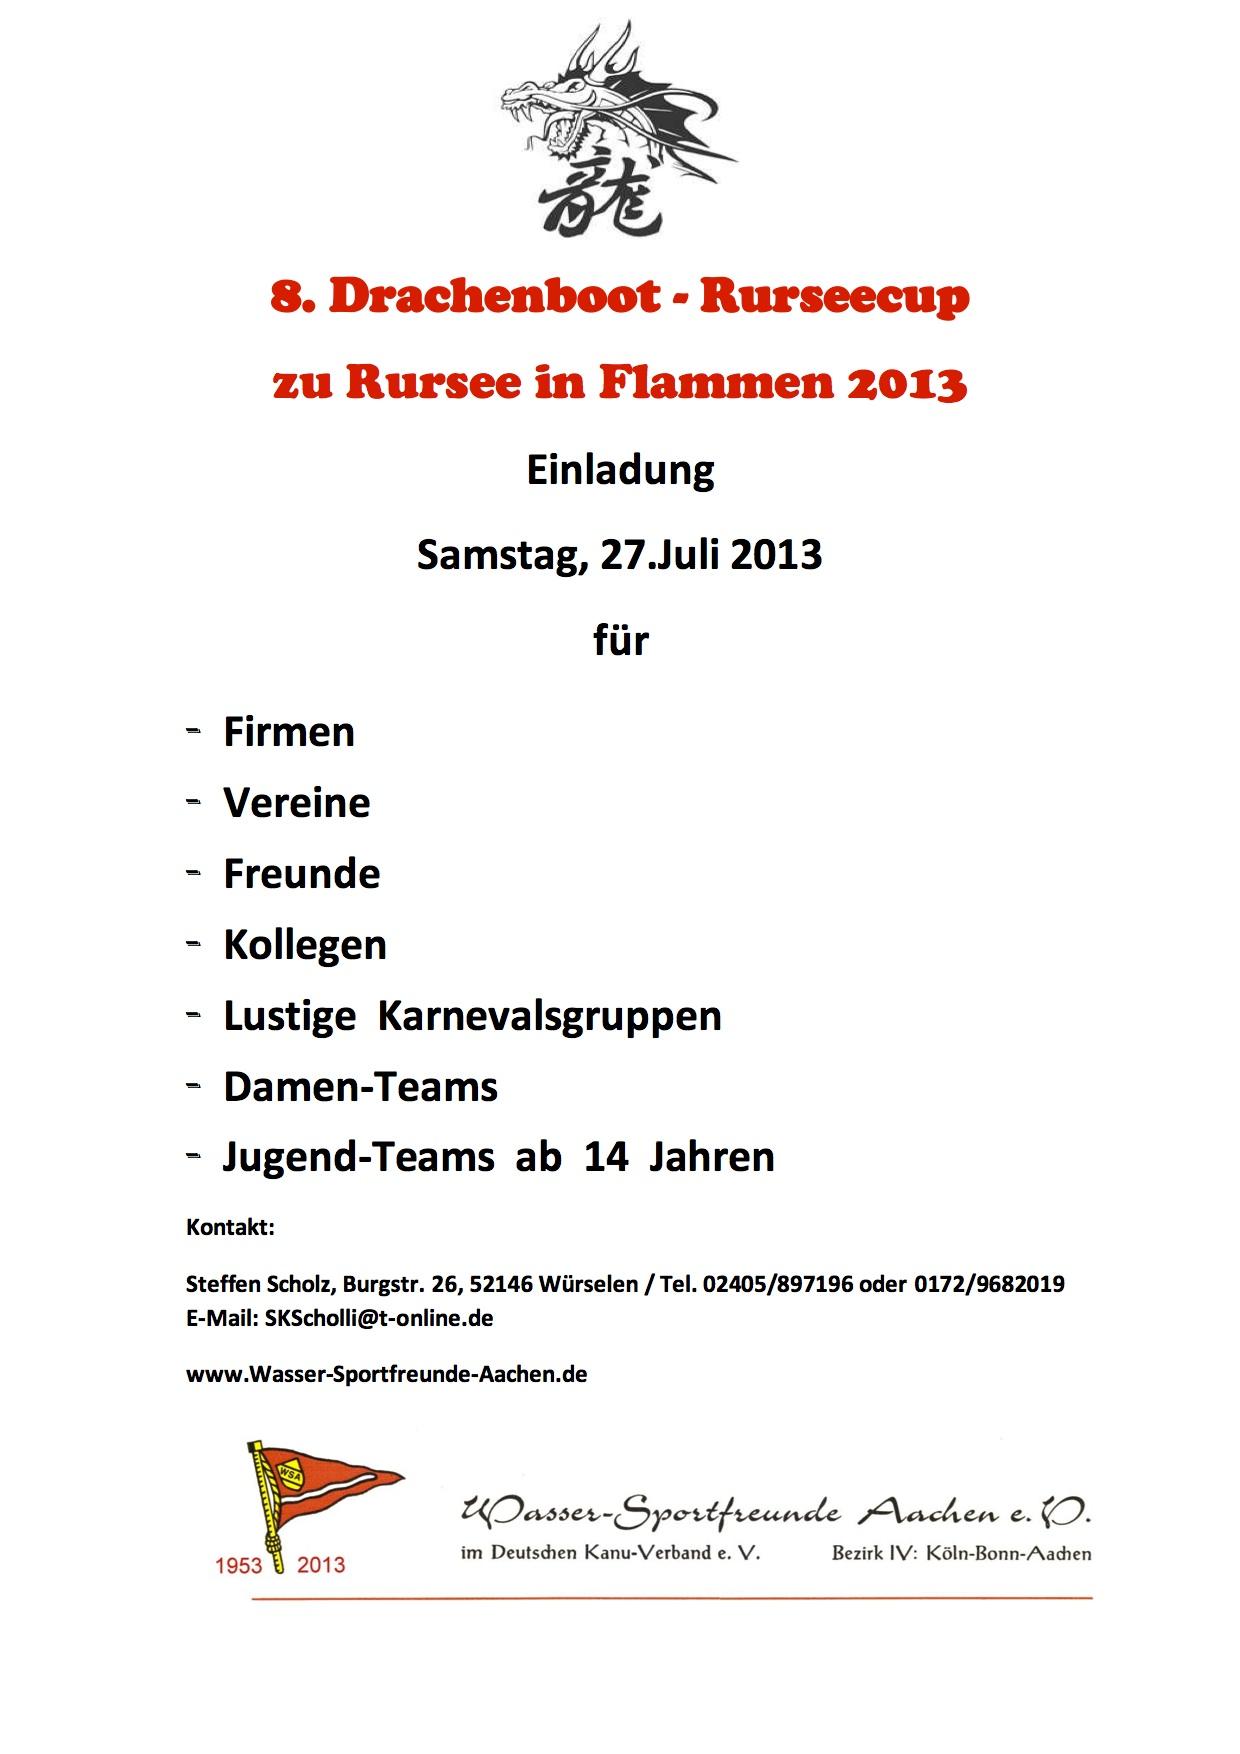 2013_05_20 Einladung Drachenboot-Rurseecup 2013